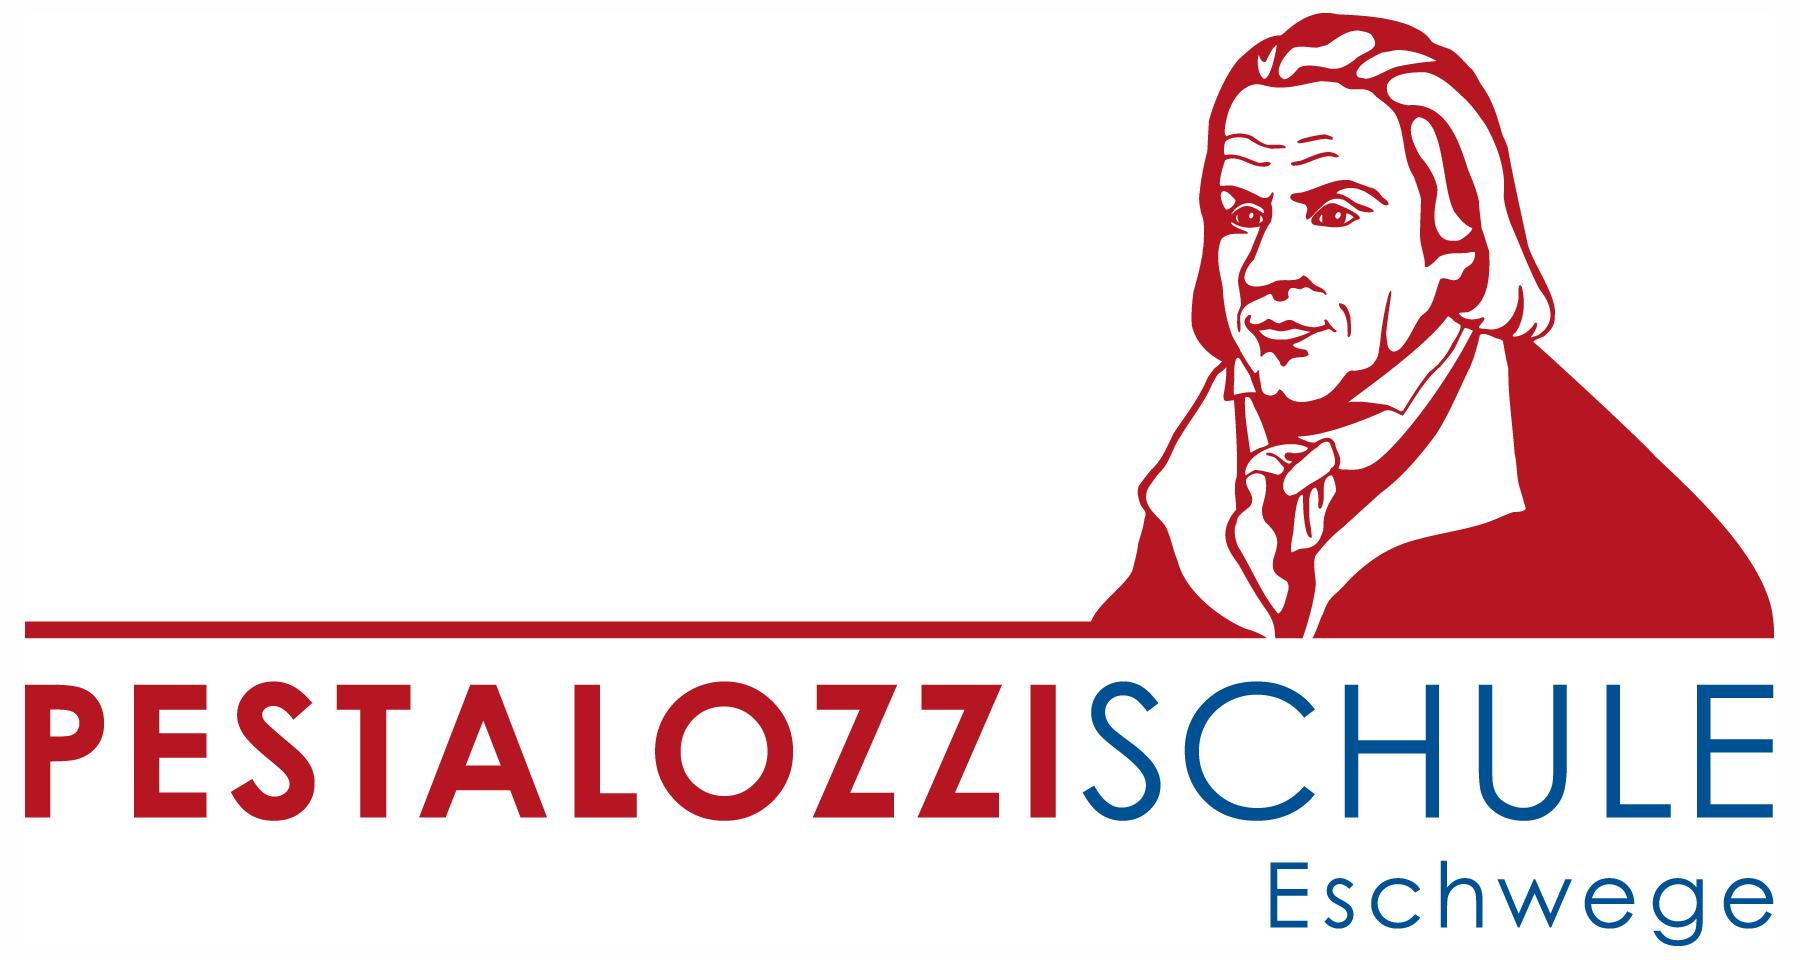 Pestalozzischule Eschwege